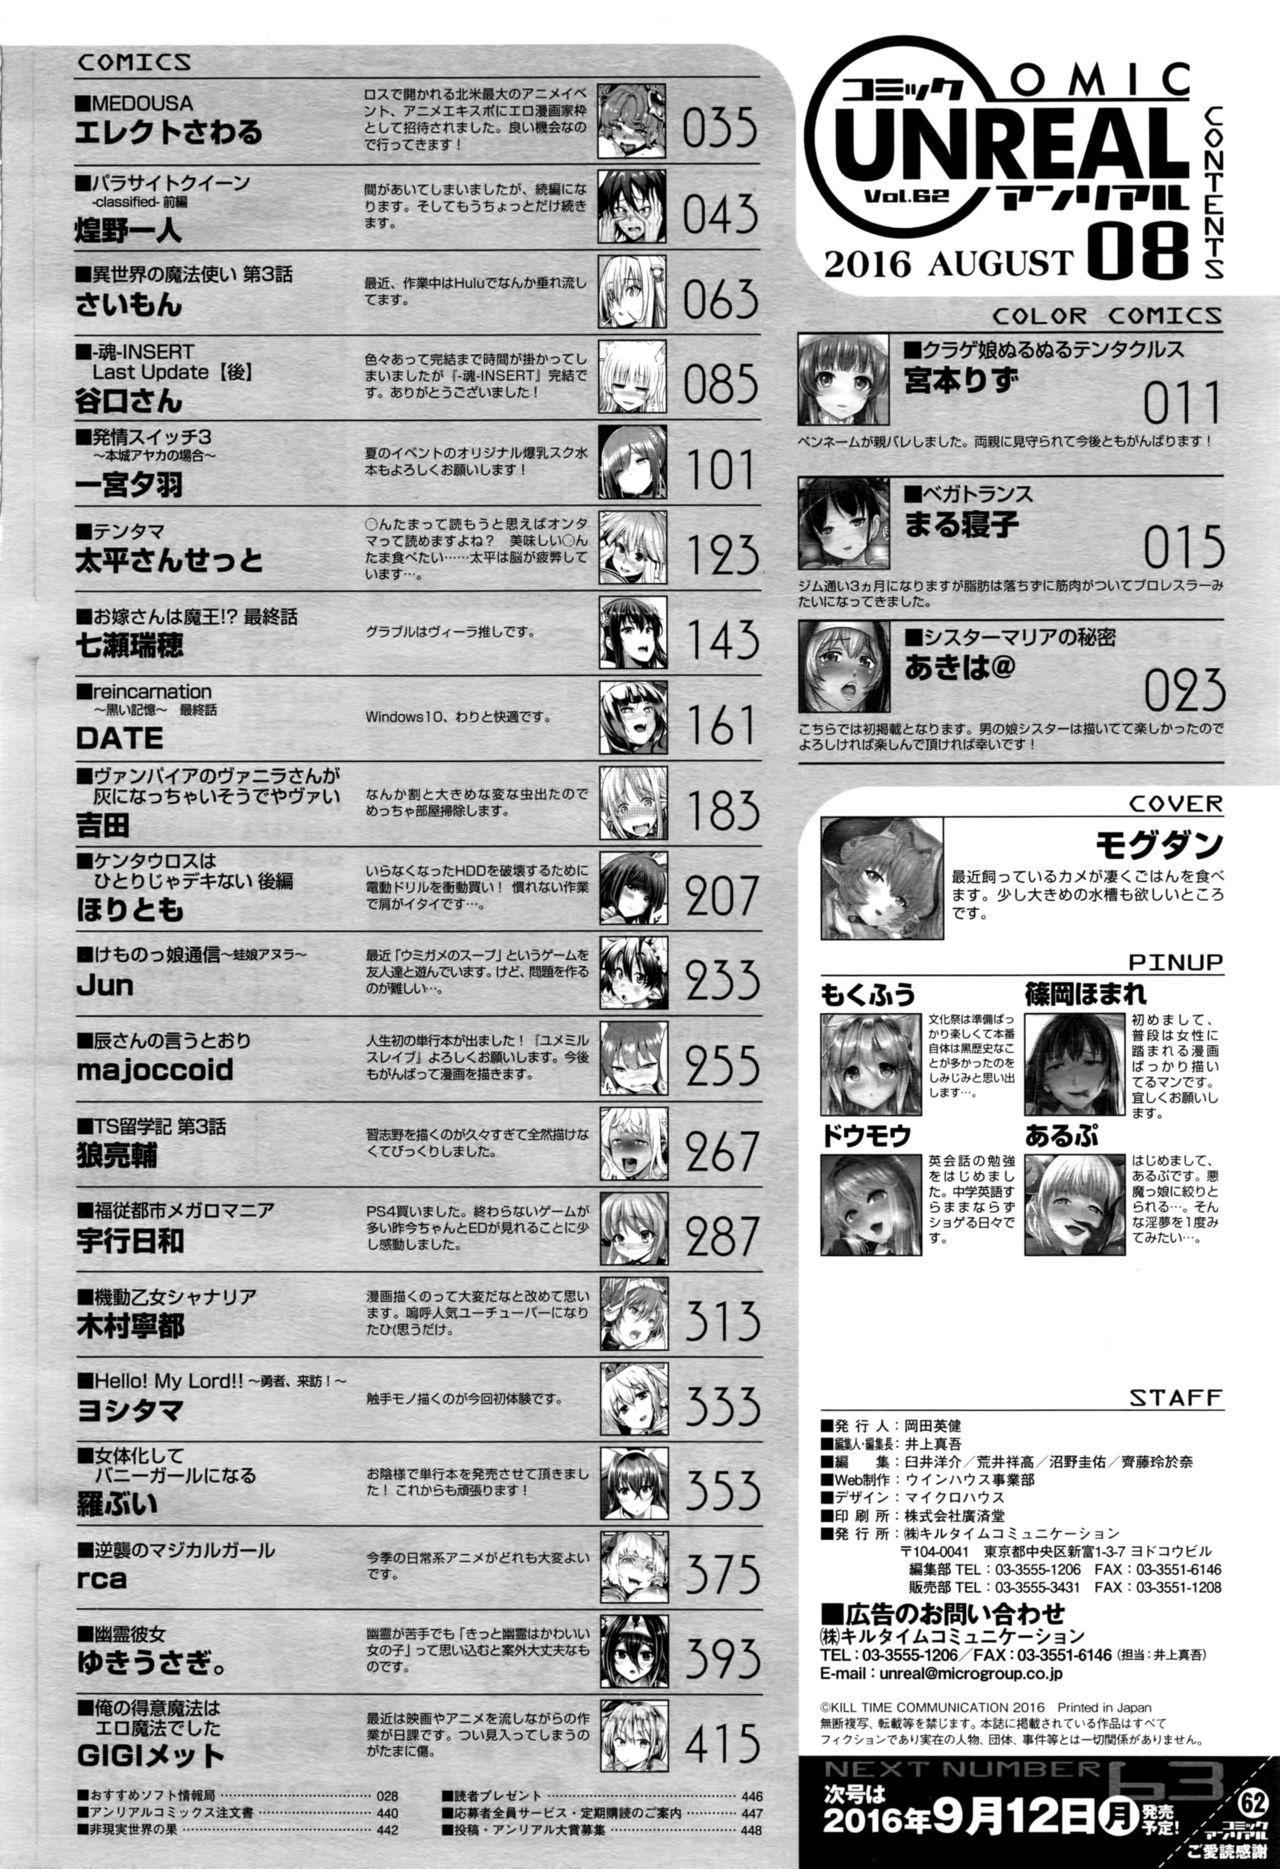 COMIC Unreal 2016-08 Vol. 62 446